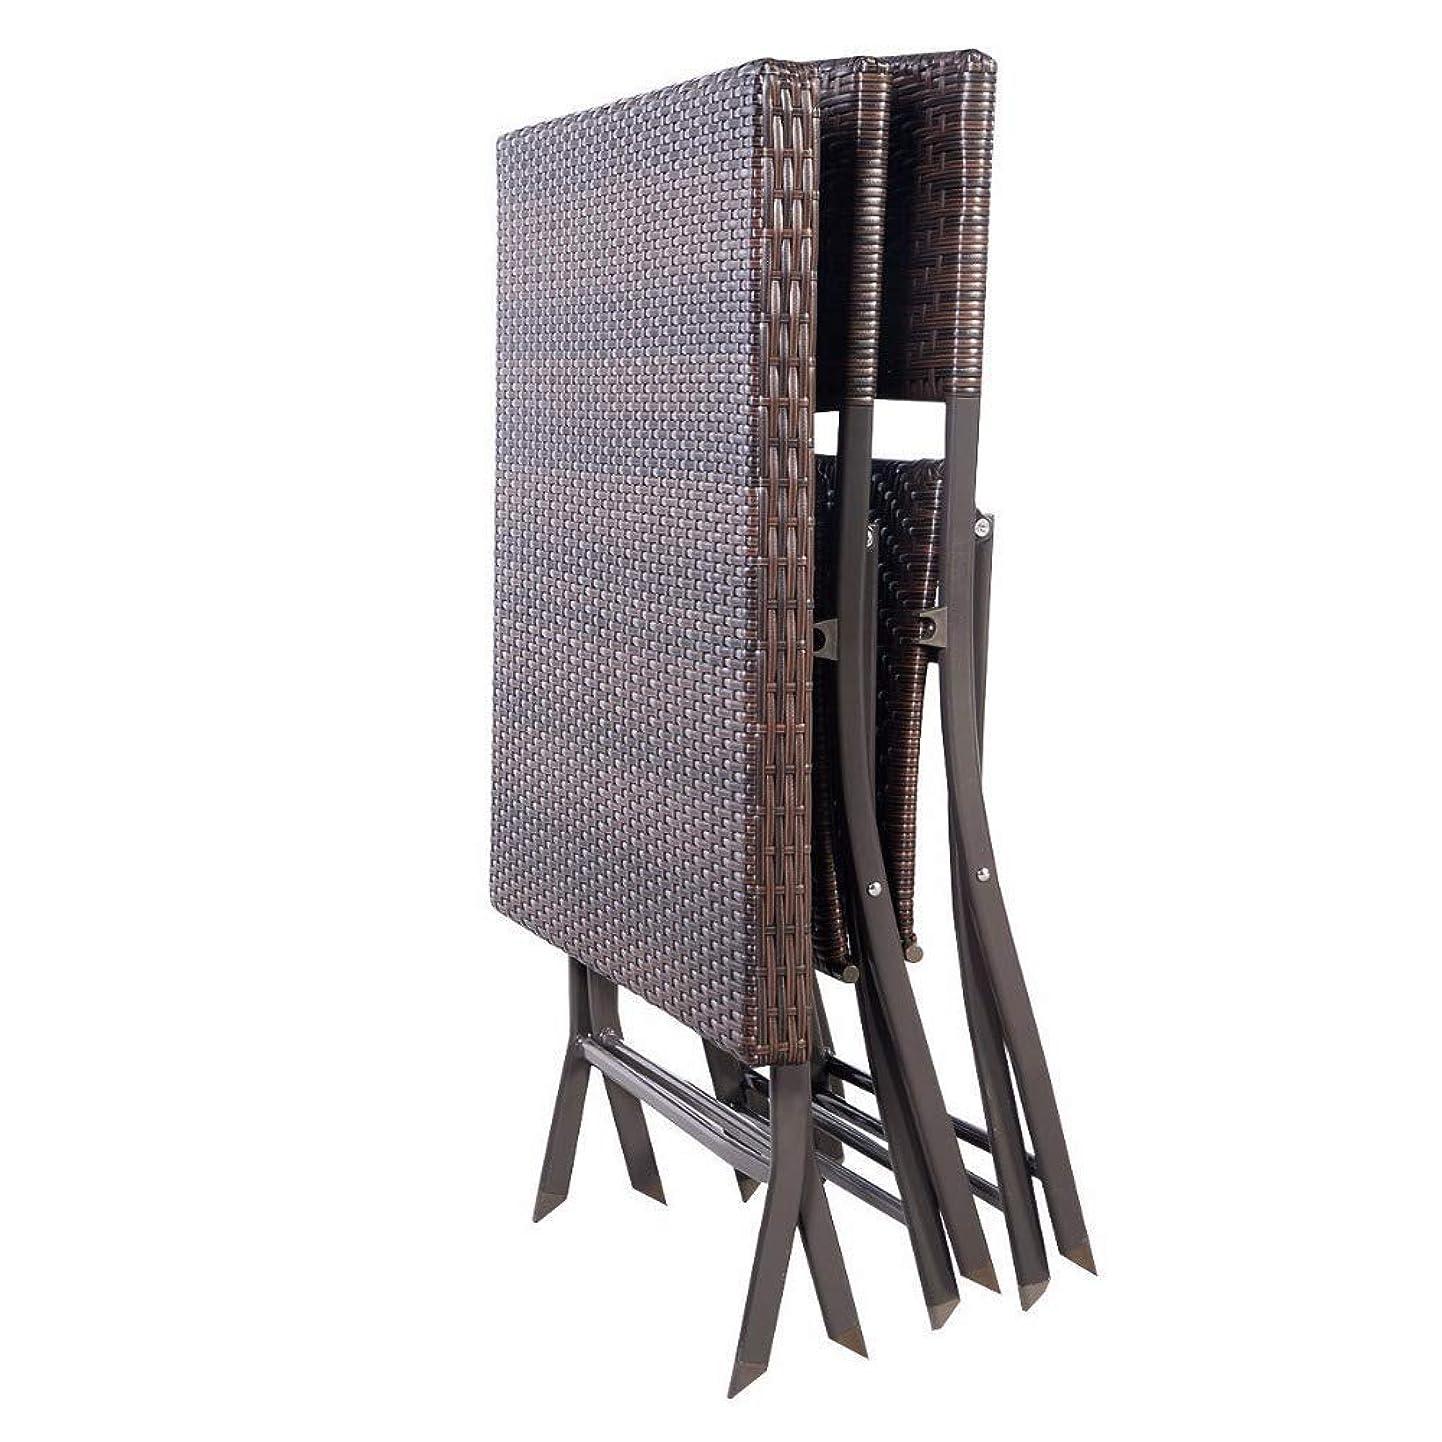 愛情深いすずめ事前3ピース屋外折りたたみテーブルチェア家具セット籐ウィッカービストロパティオブラウン屋外家具 - 椅子&ガラストップコーヒーテーブルセット